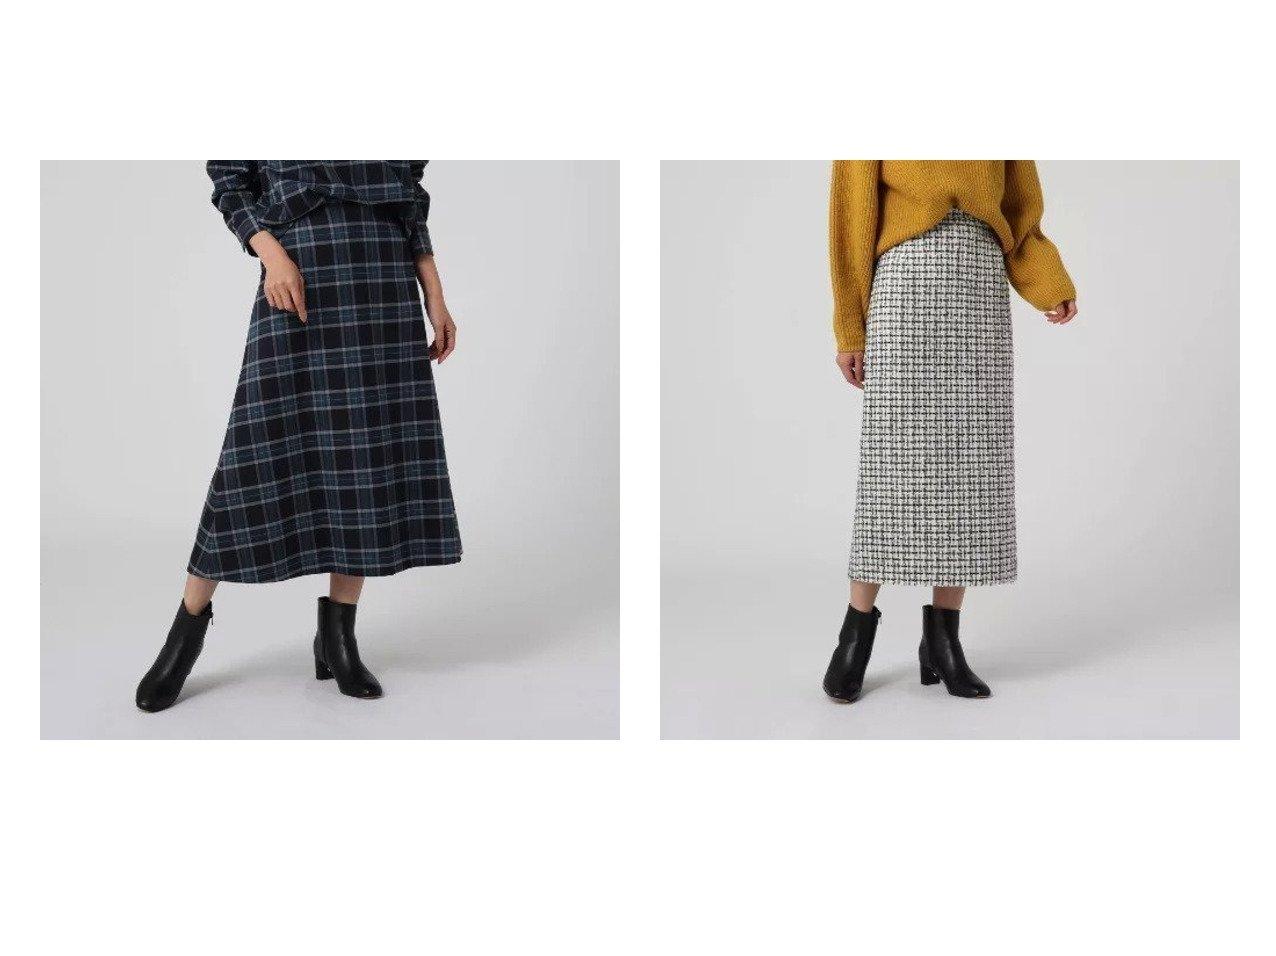 【UNTITLED/アンタイトル】のフローラチェックフレアスカート&グランツィードタイトスカート スカートのおすすめ!人気トレンド・レディースファッションの通販 おすすめで人気の流行・トレンド、ファッションの通販商品 メンズファッション・キッズファッション・インテリア・家具・レディースファッション・服の通販 founy(ファニー) https://founy.com/ ファッション Fashion レディースファッション WOMEN スカート Skirt Aライン/フレアスカート Flared A-Line Skirts クラシカル チェック フレア ポケット A/W 秋冬 Autumn &  Winter スリット タイトスカート ツイード  ID:crp329100000008992